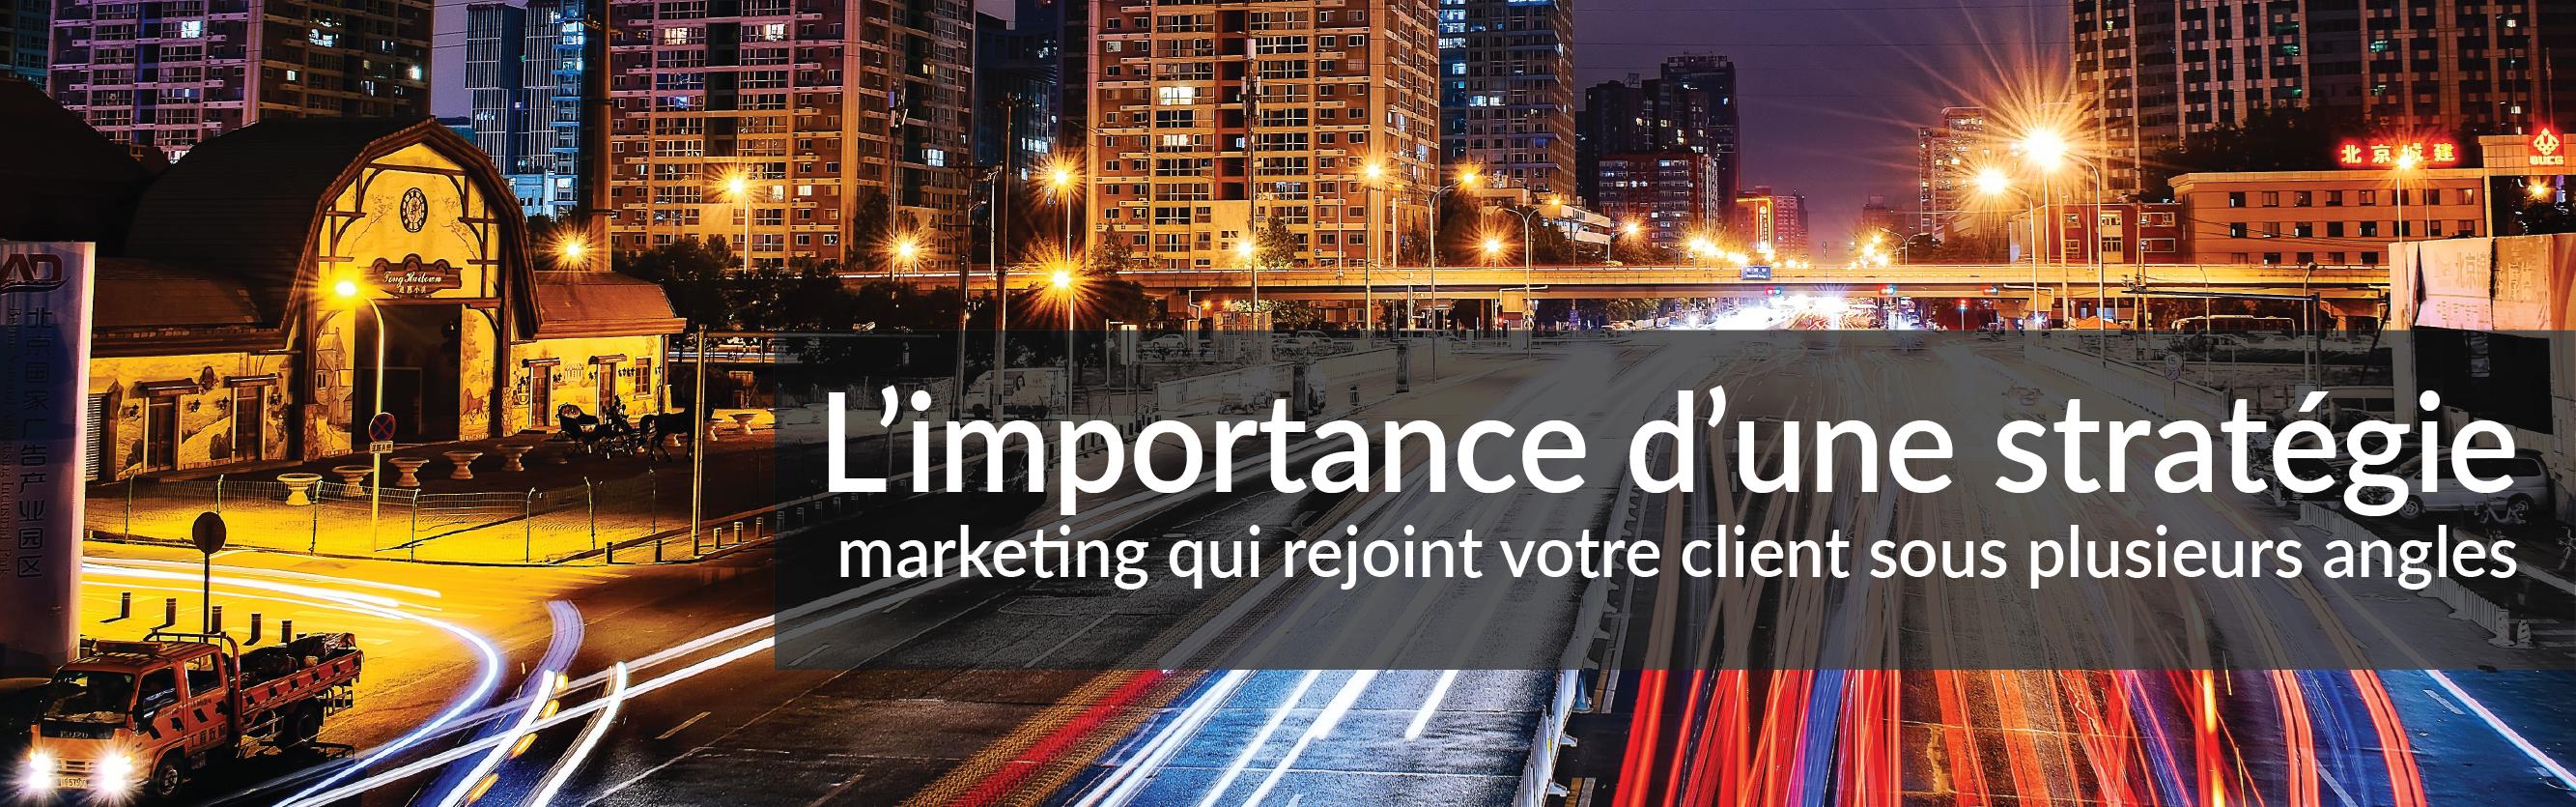 L'importance d'une stratégie marketing qui rejoint votre client sous plusieurs angles | Studio Grafik